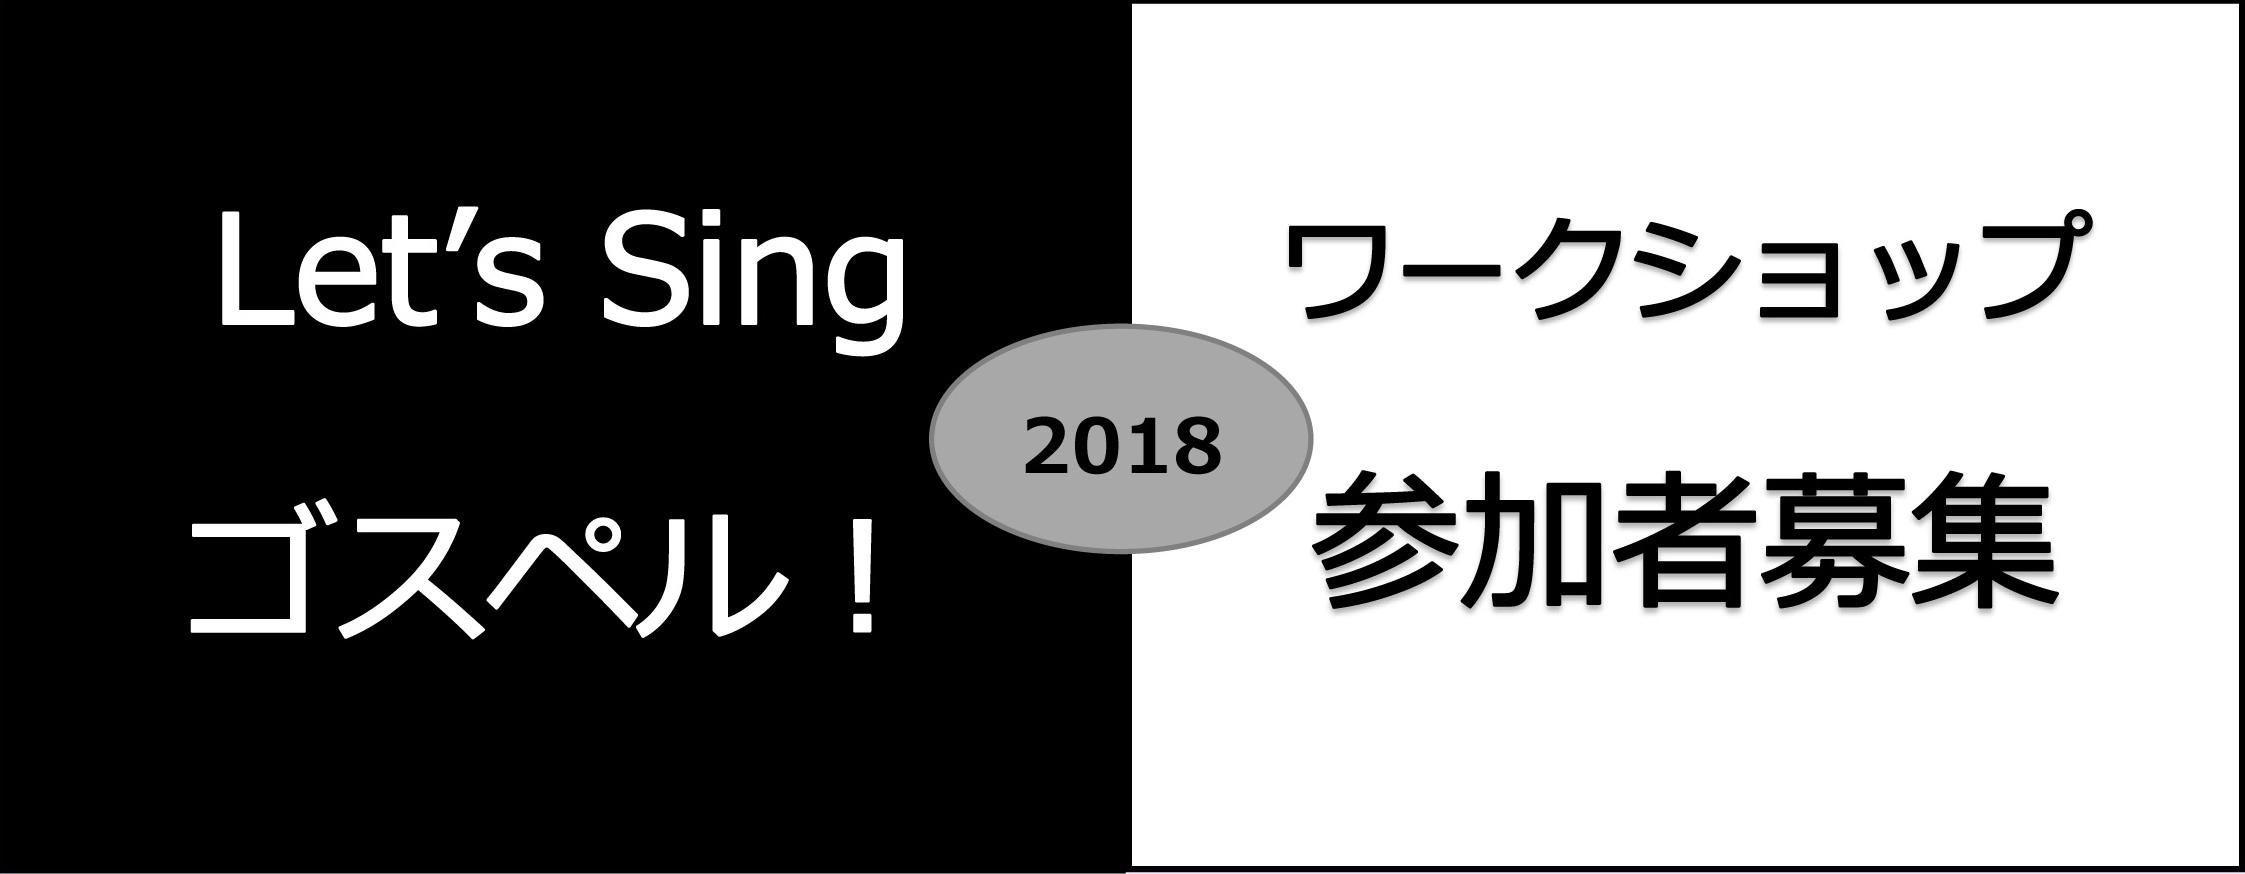 【募集】『Let's Sing ゴスペル!2018 ワークショップ』参加者